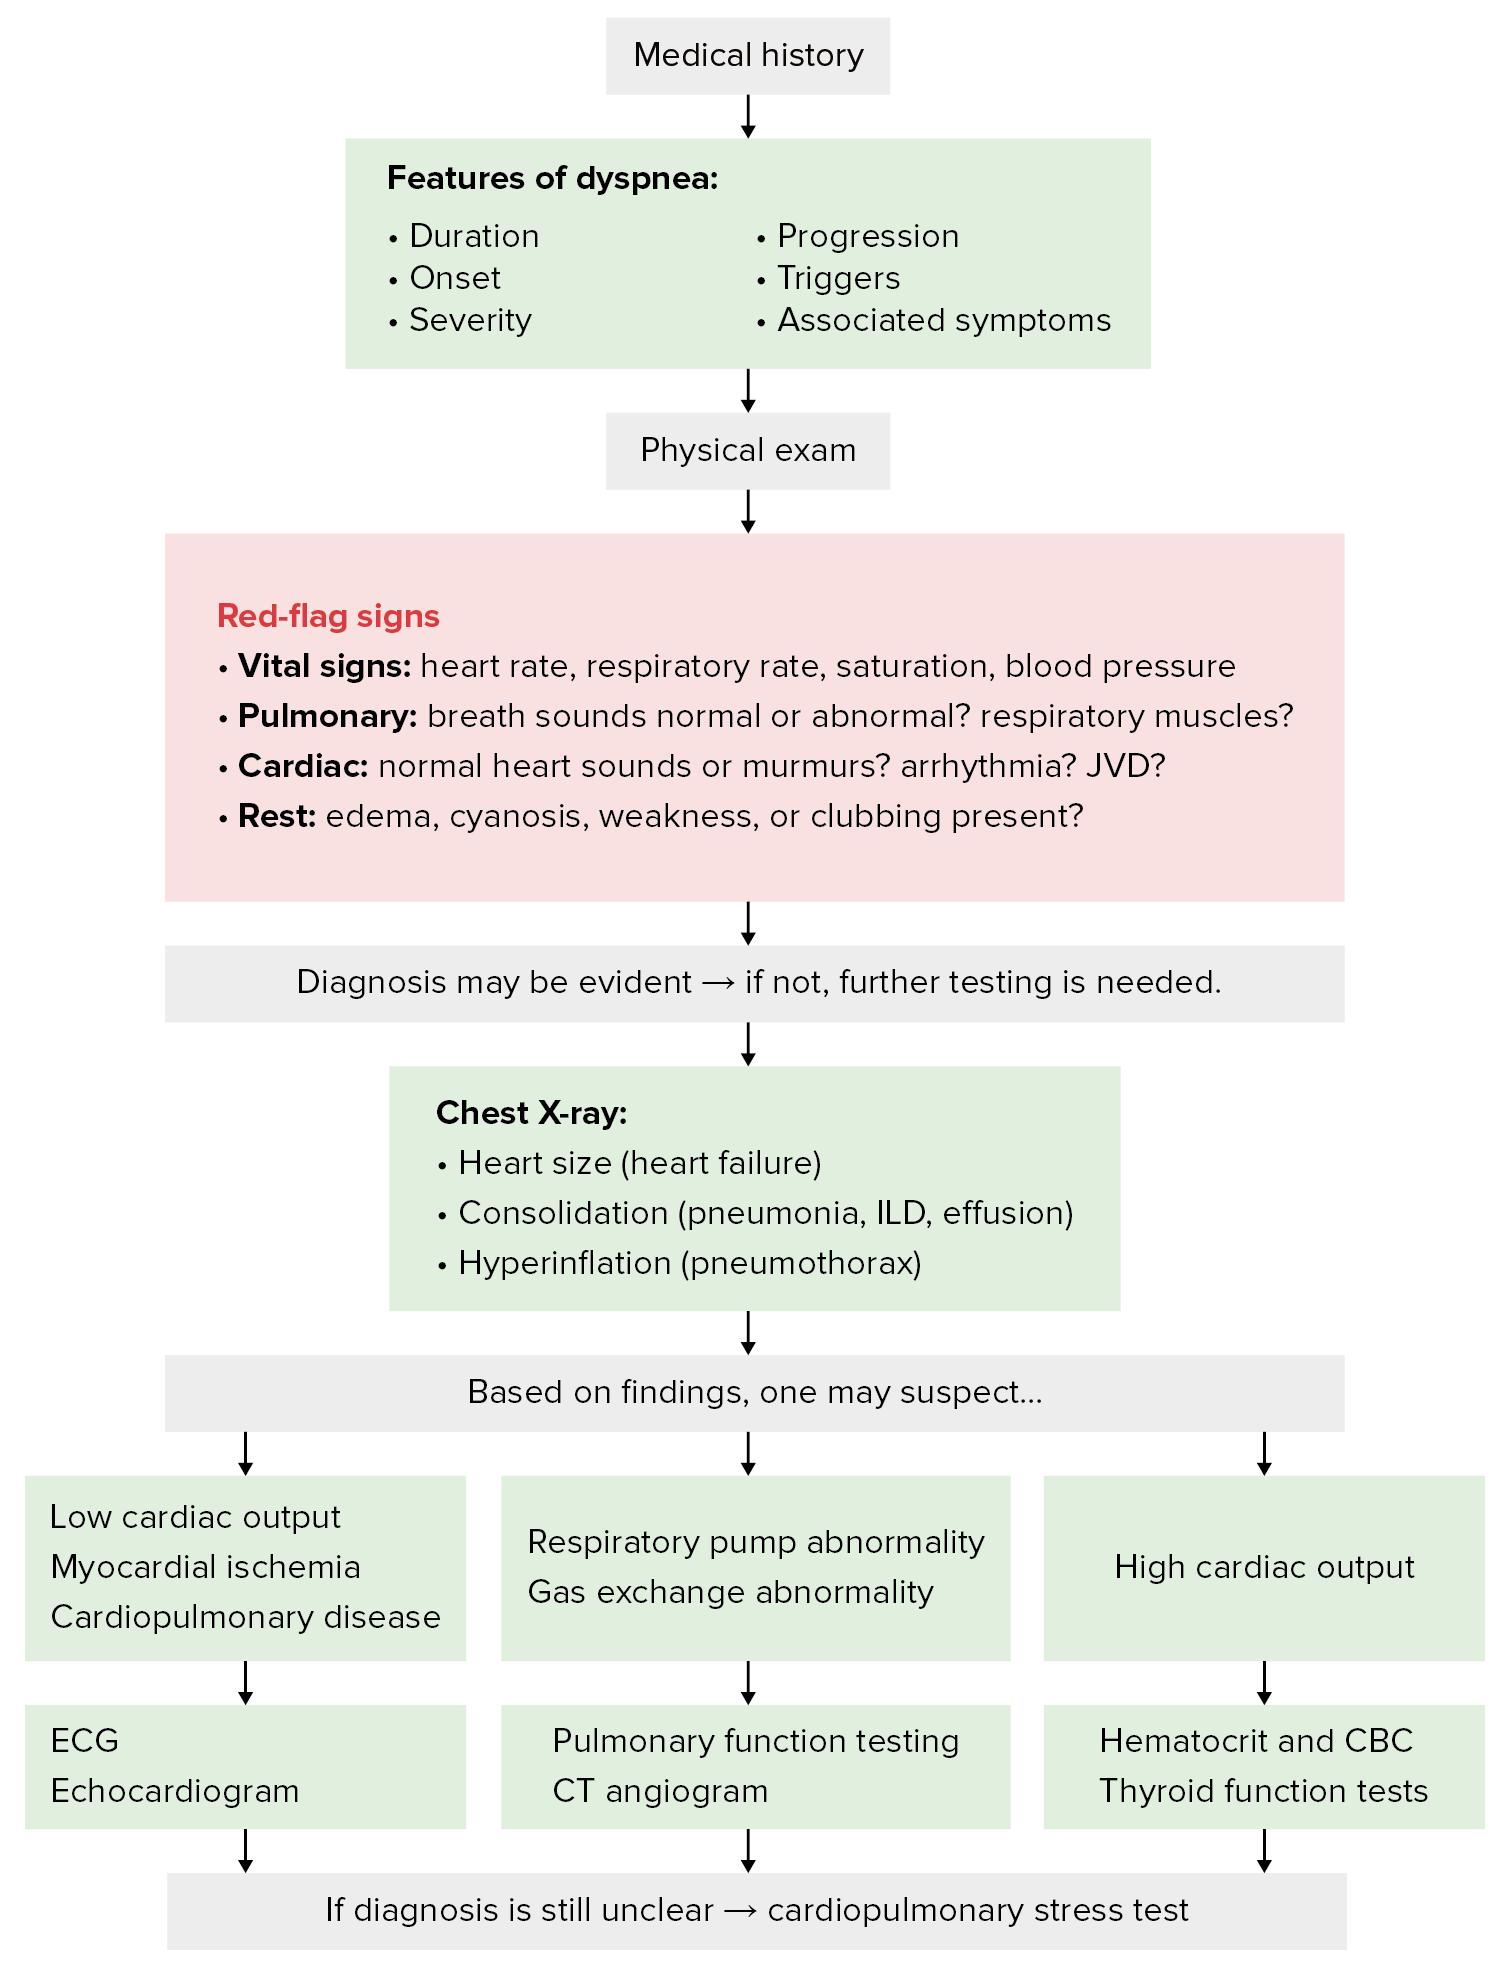 Diagnostic algorithm for dyspnea